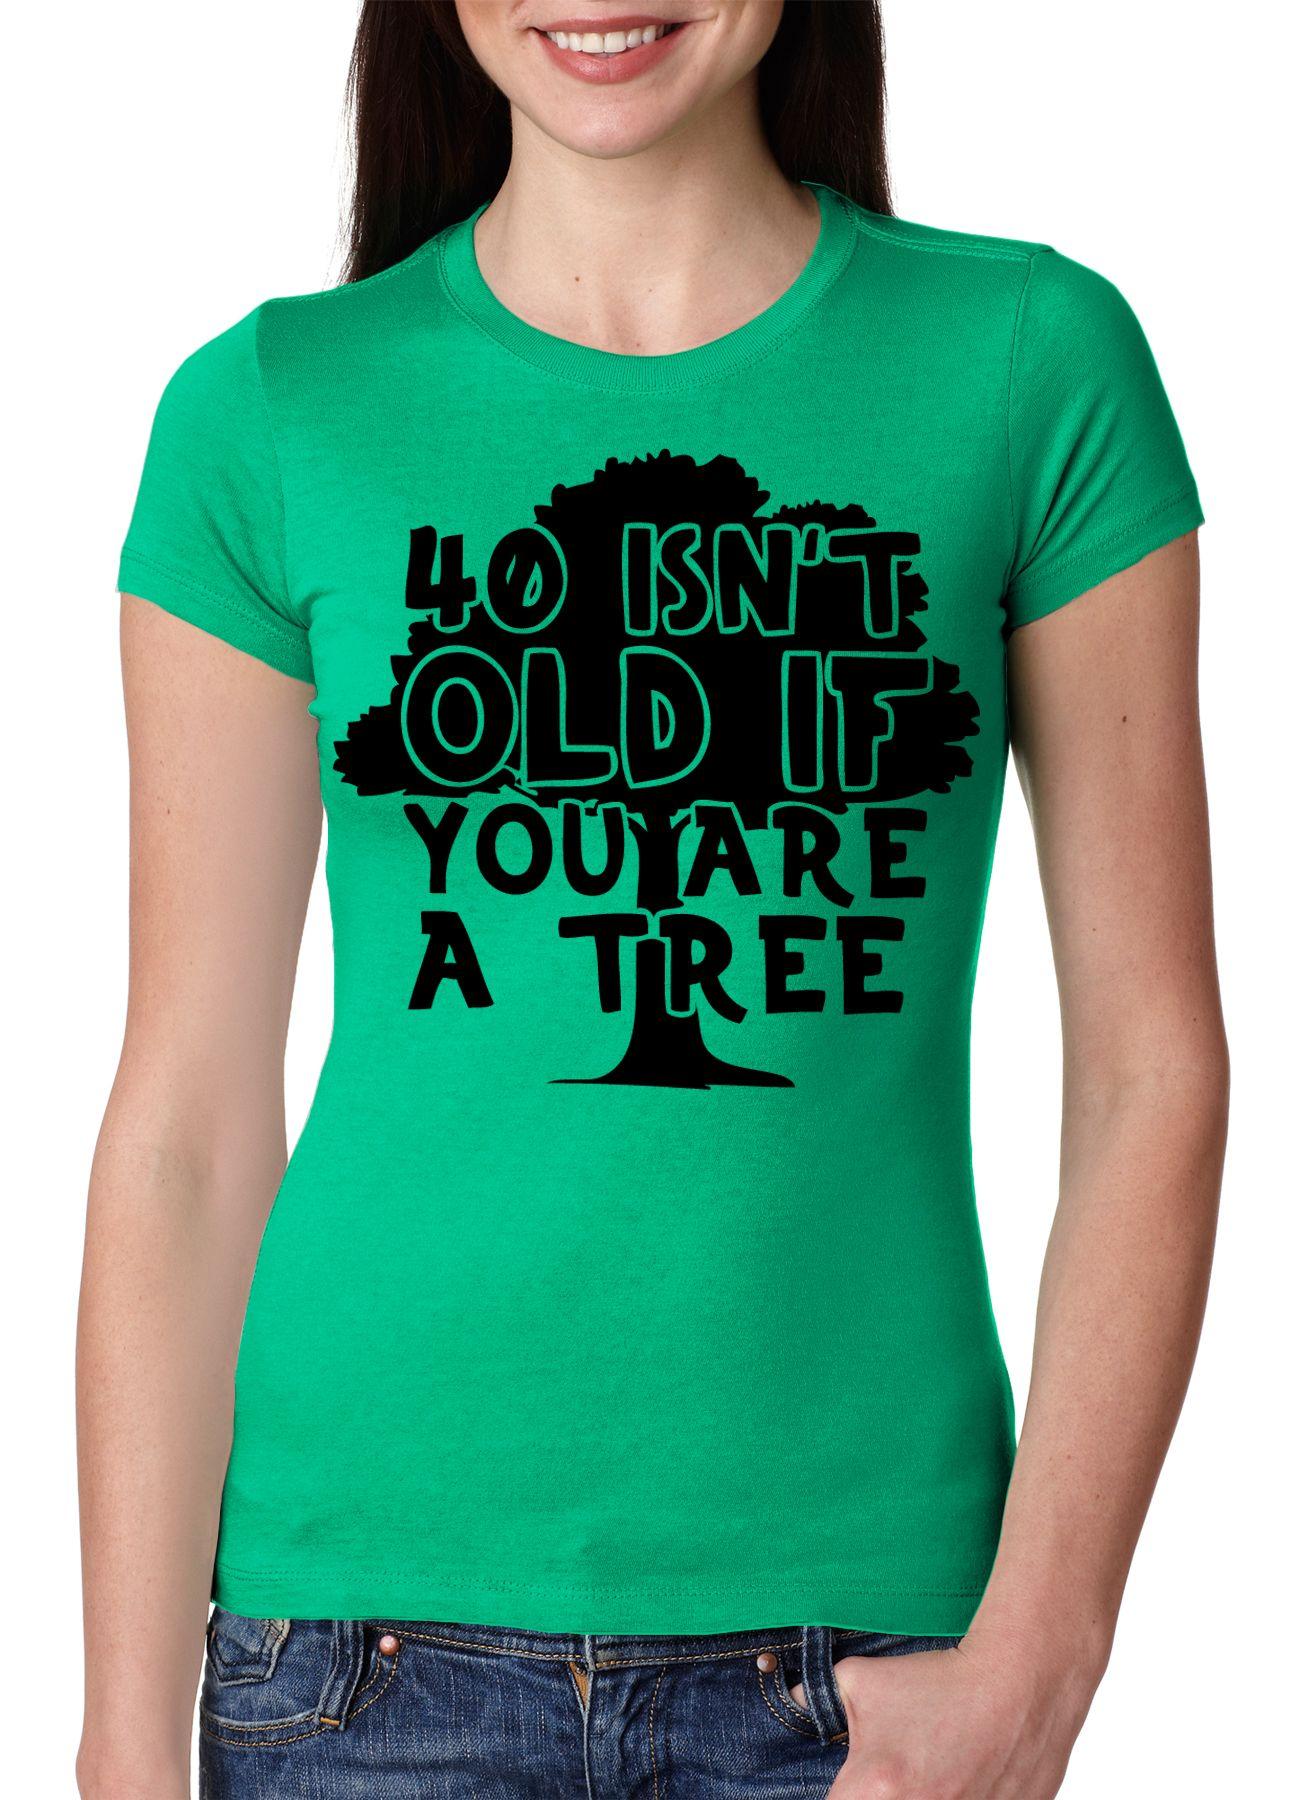 c3146128 Tshirts #Fashion #FunnyTshirts #Men #Women #Awesome #Popular | T ...